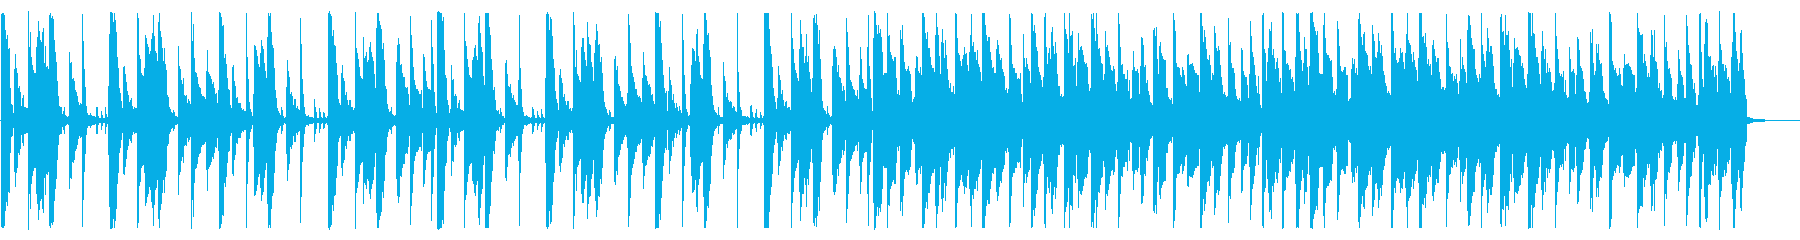 ほのぼの切ない_No660_2の再生済みの波形